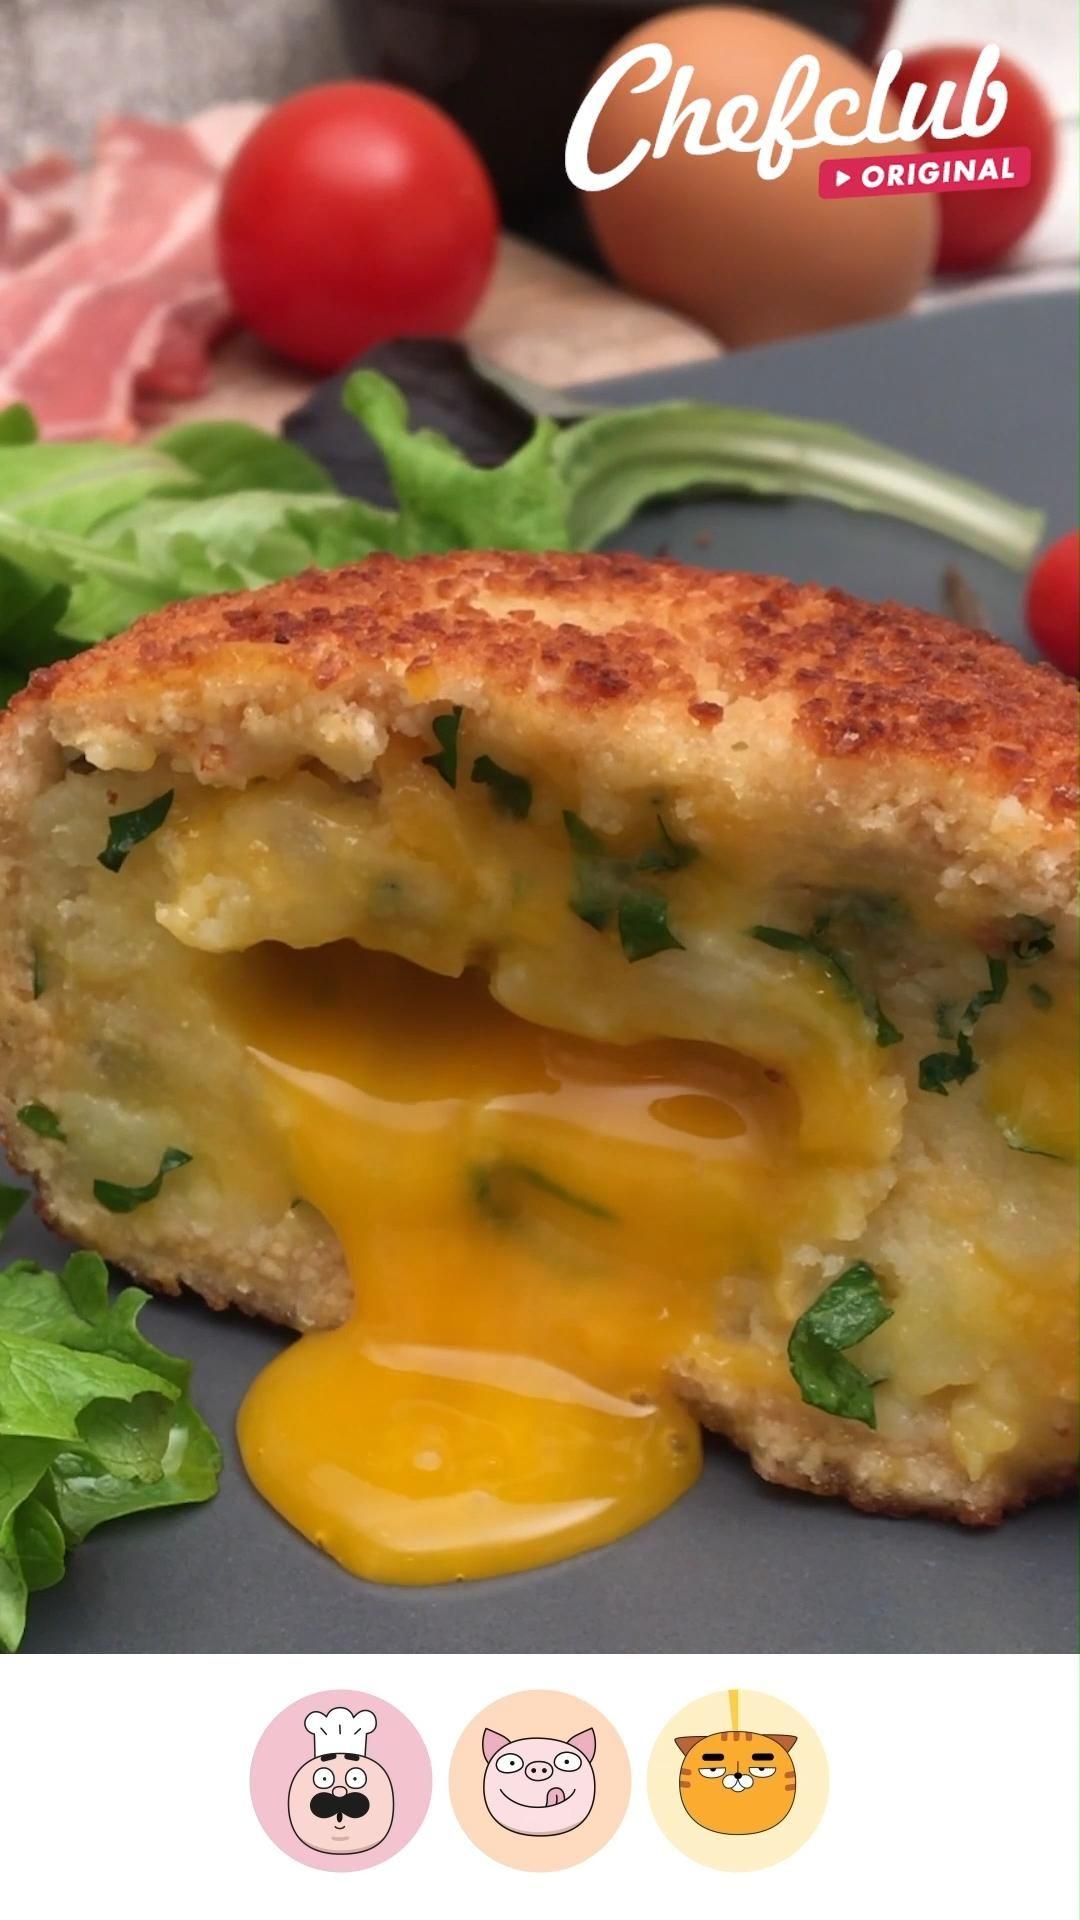 Un palet fourré à base de purée, d'œuf et de fromage, parfait pour les brunchs. Plus de conseils sur notre site.